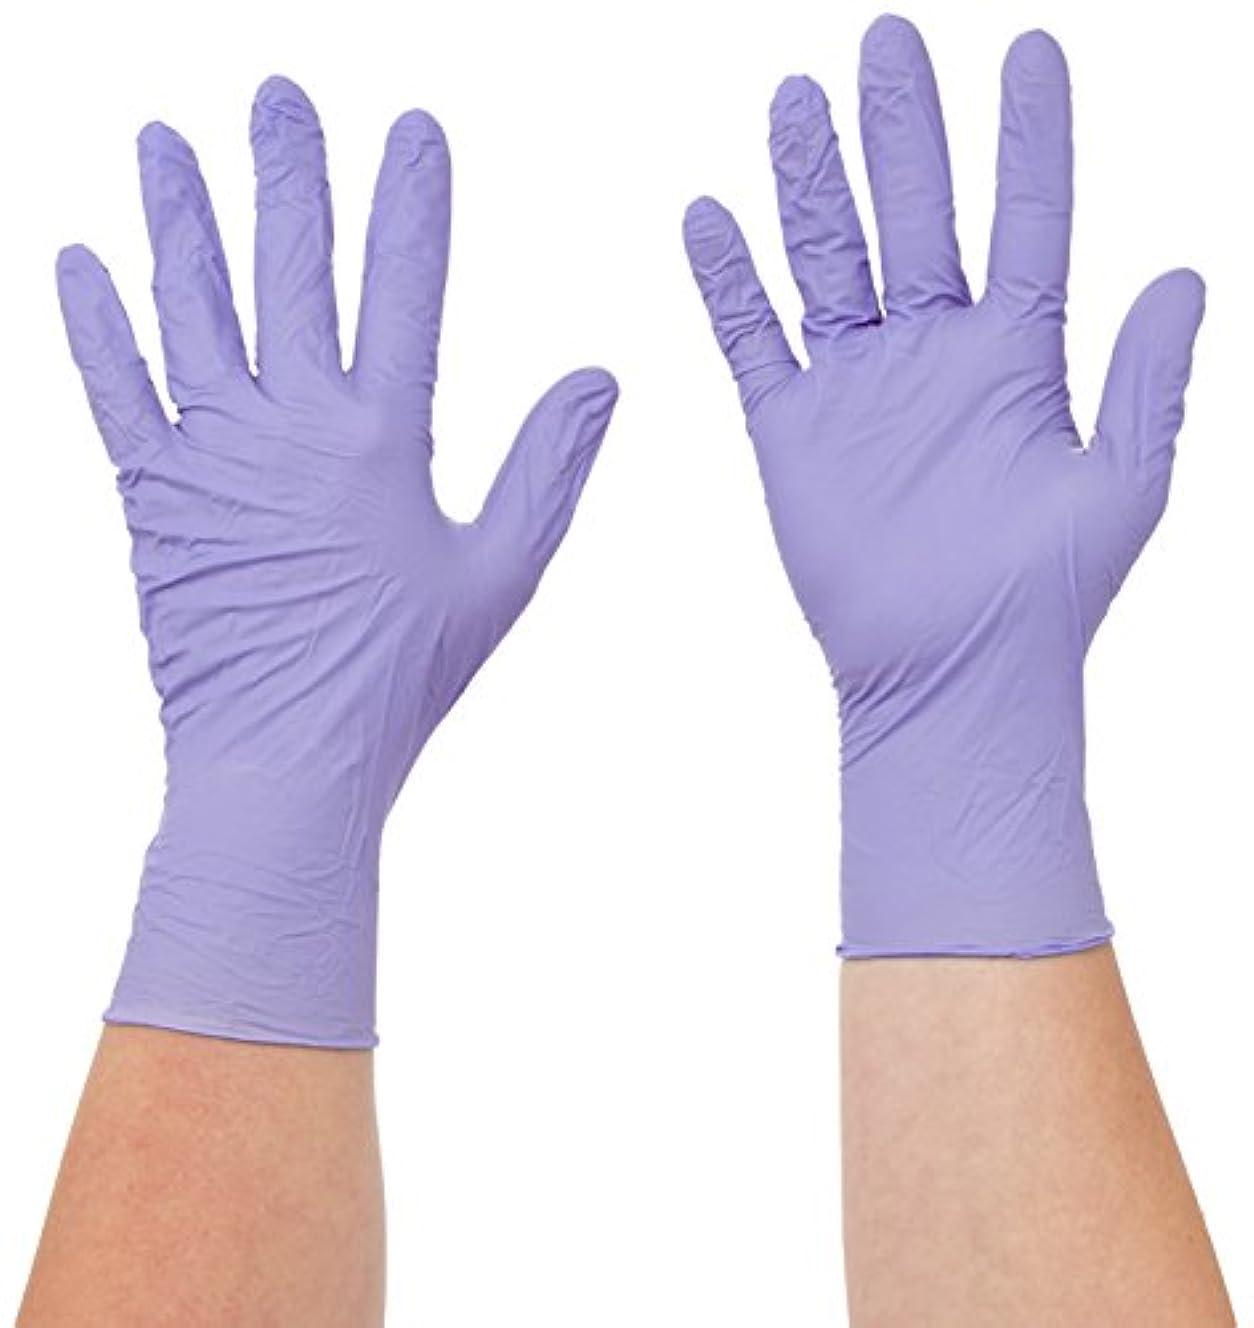 提供されたコジオスコアドバンテージSemperit 使い捨てニトリル手袋 Xtra Lite 0.14mm 粉無(入数:200枚) 3000001618